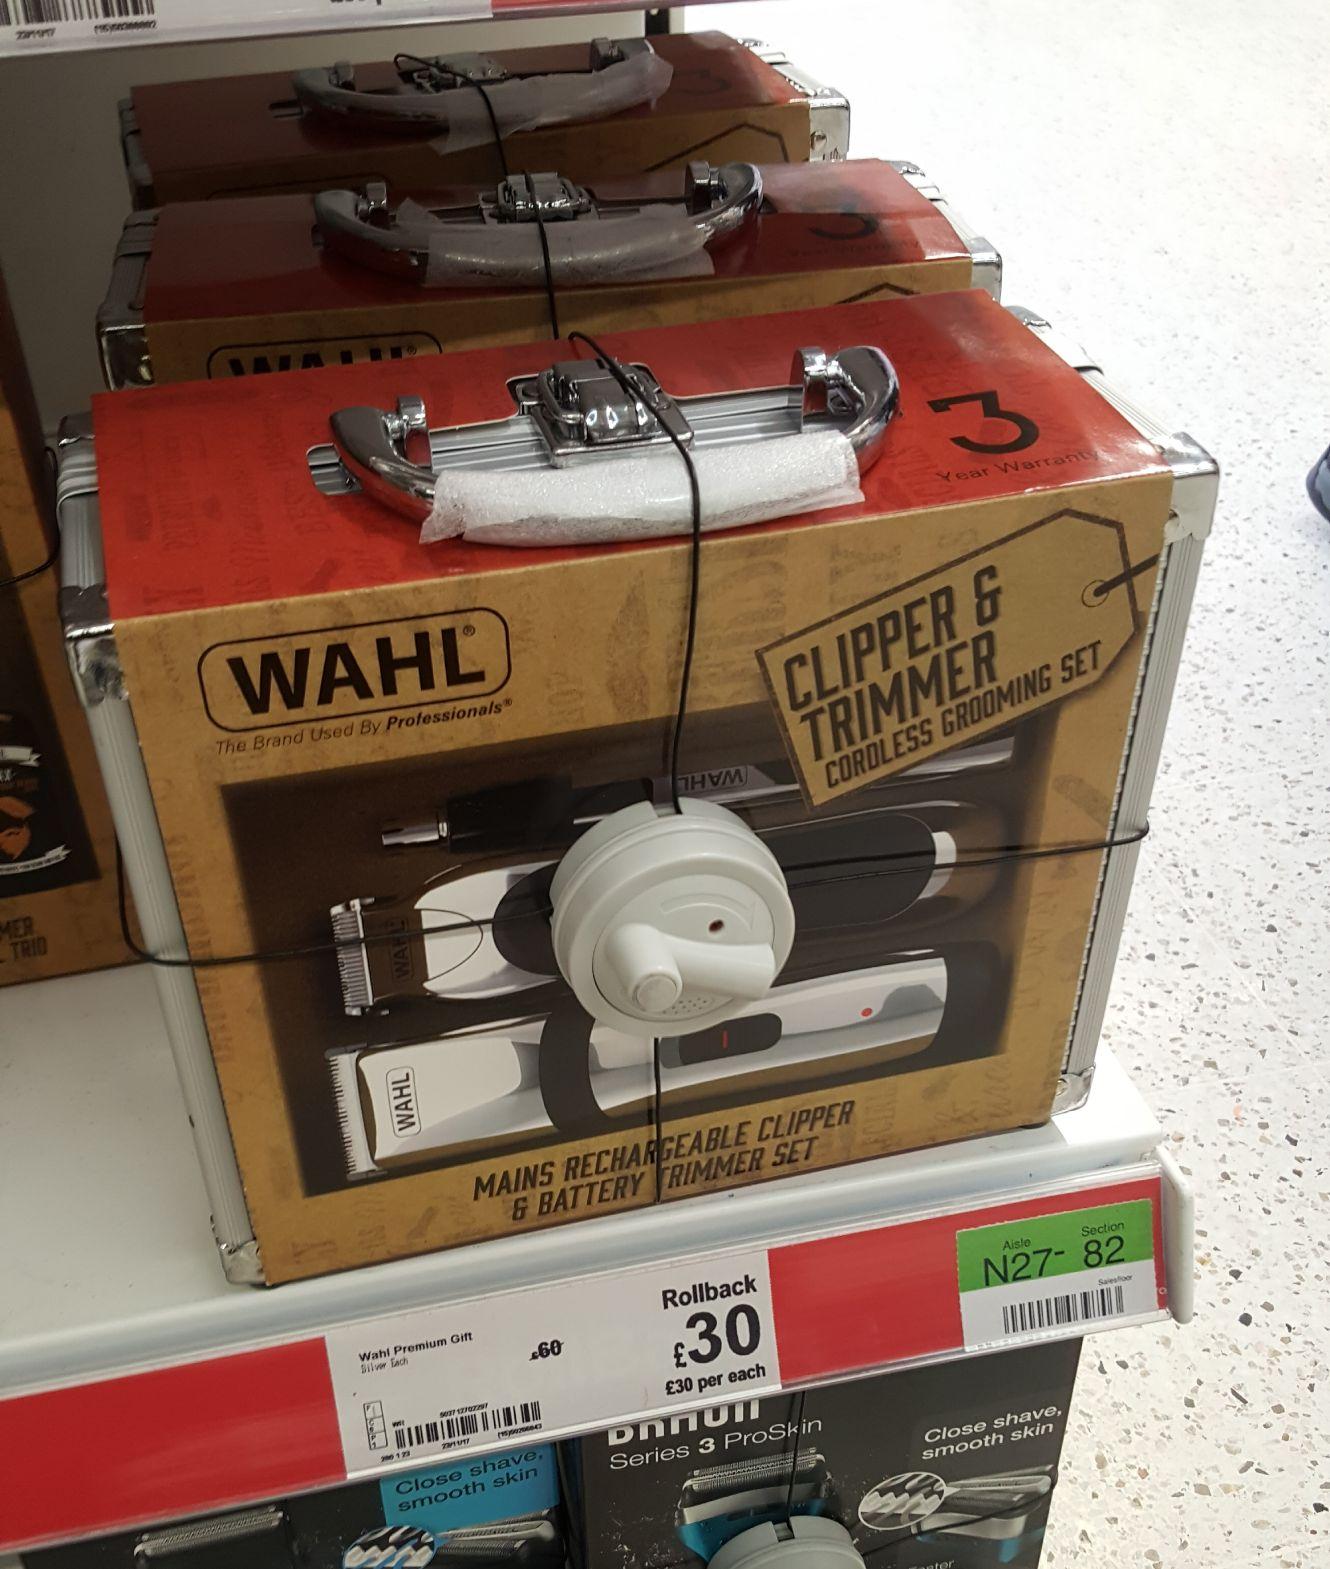 Wahl cordless grooming set was £60 now £30 at Asda